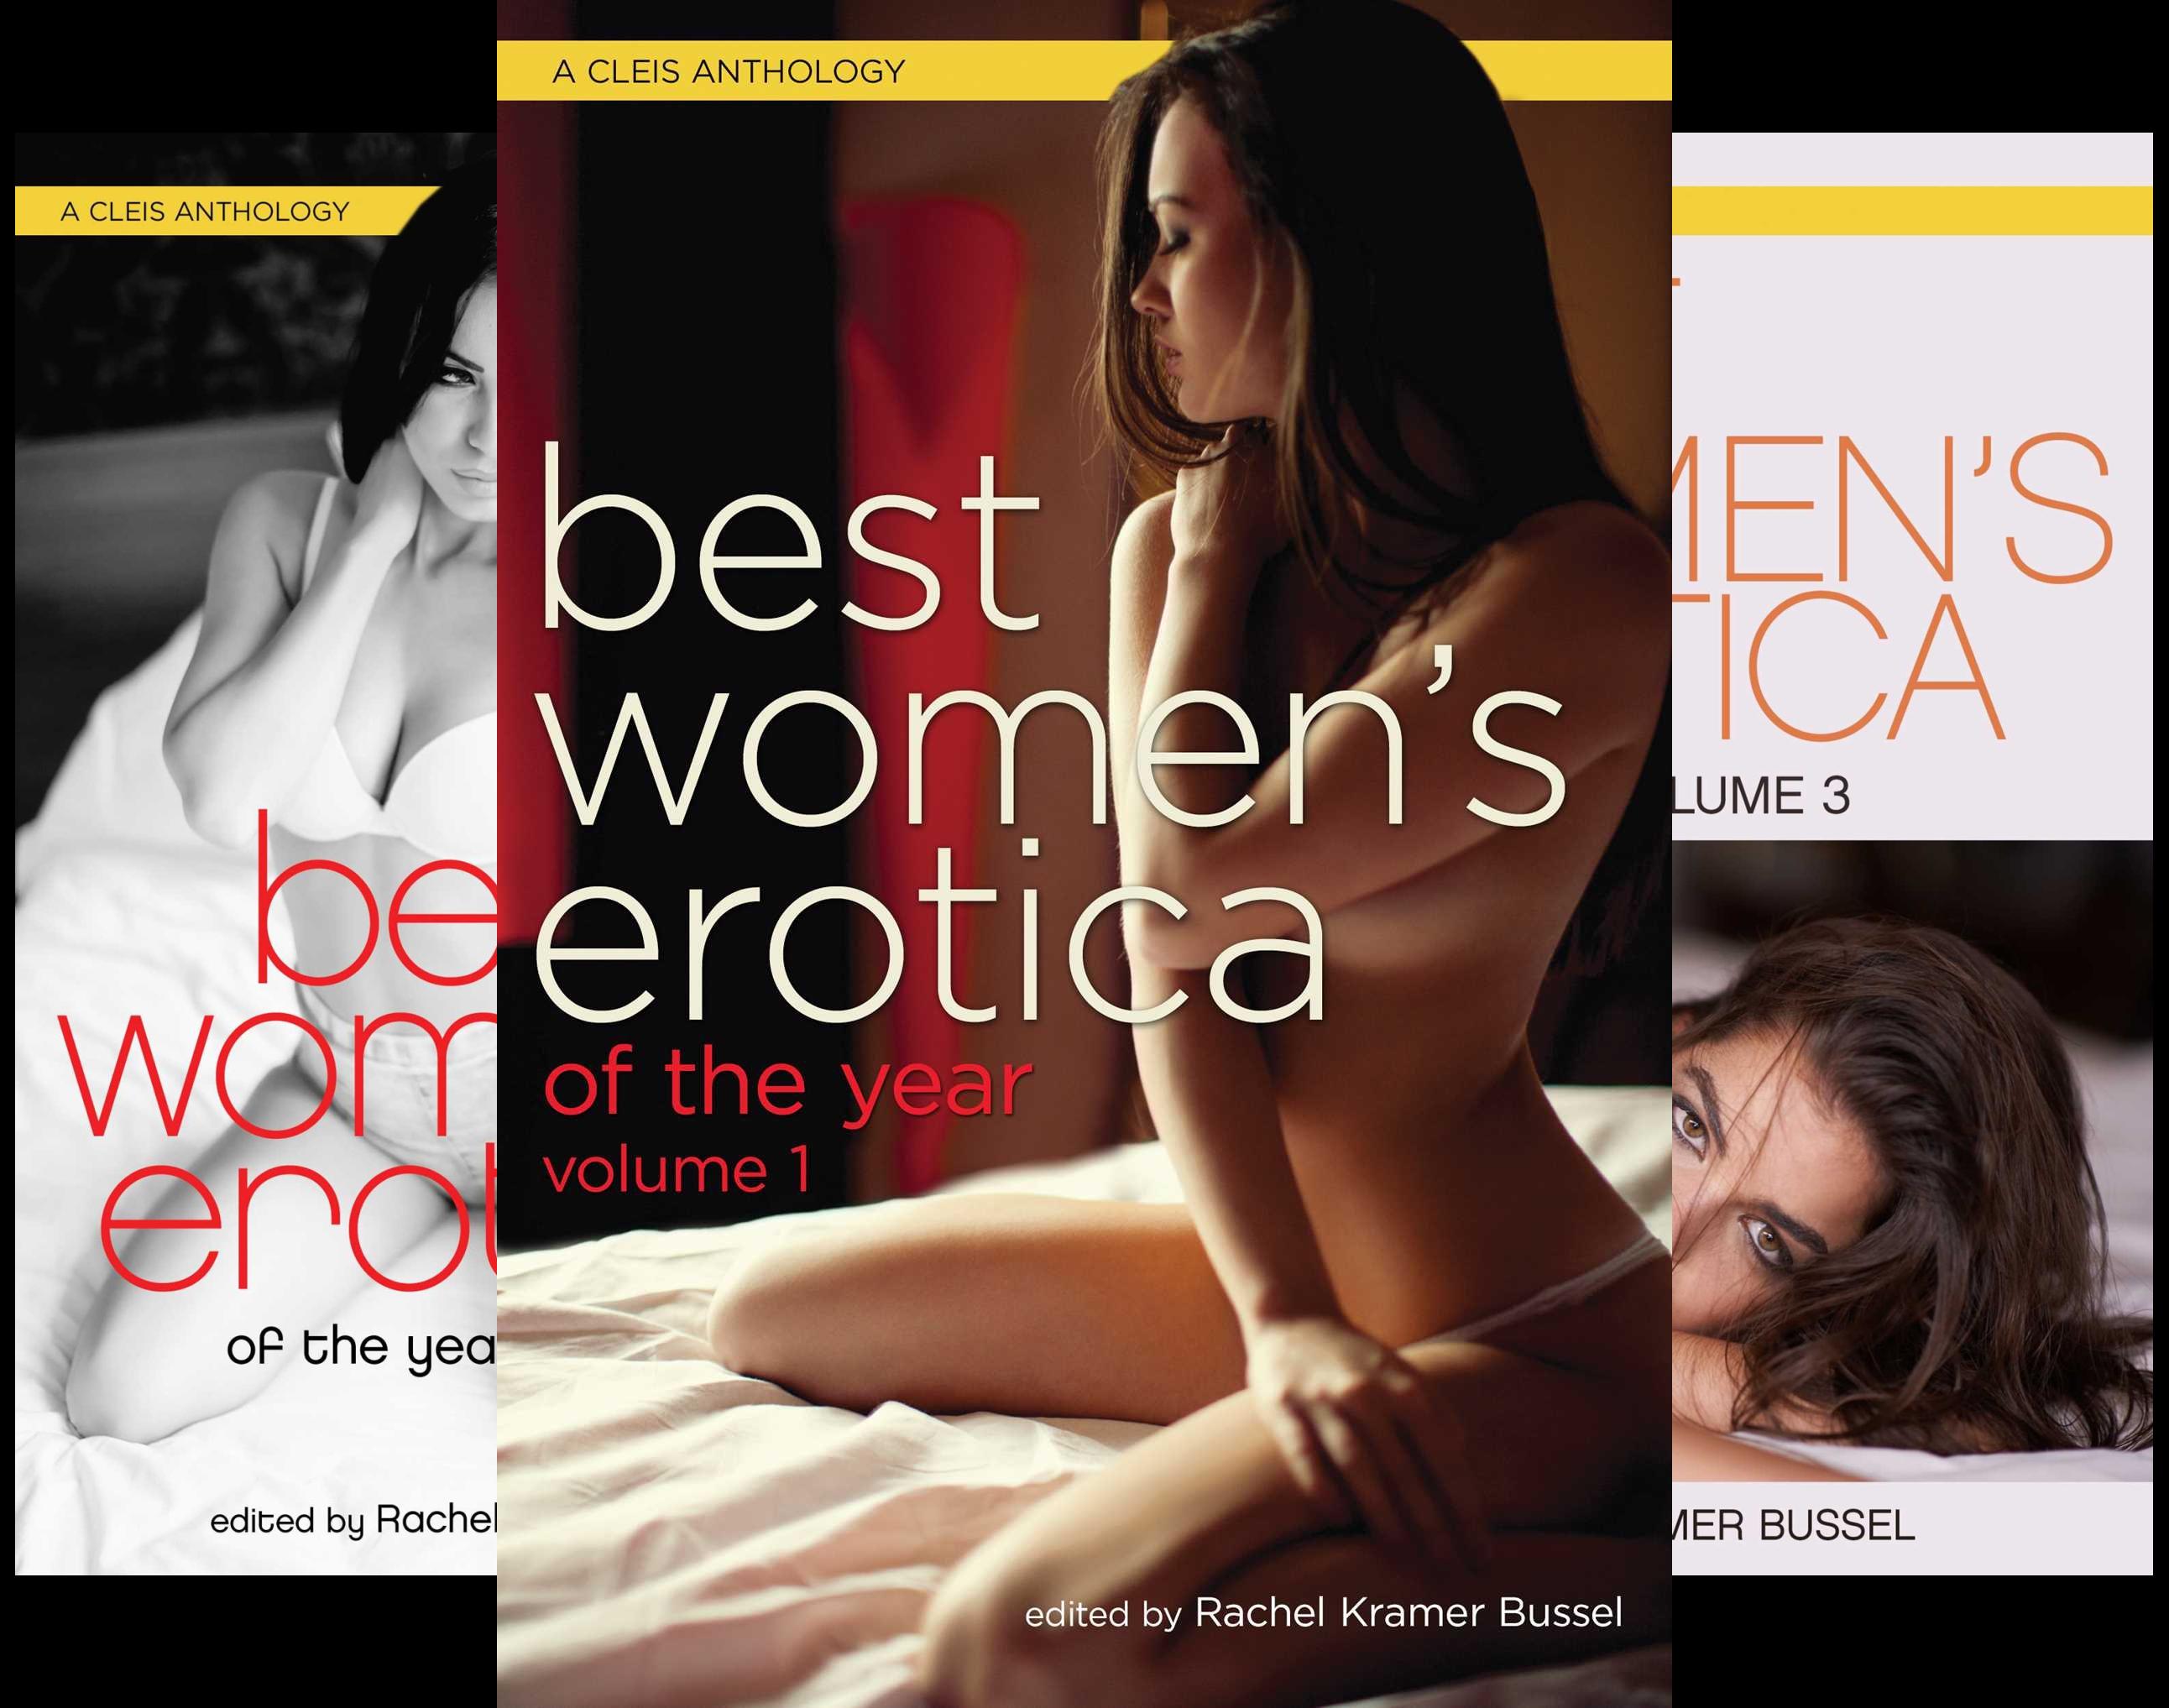 Best Women's Erotica Series (4 Book Series)